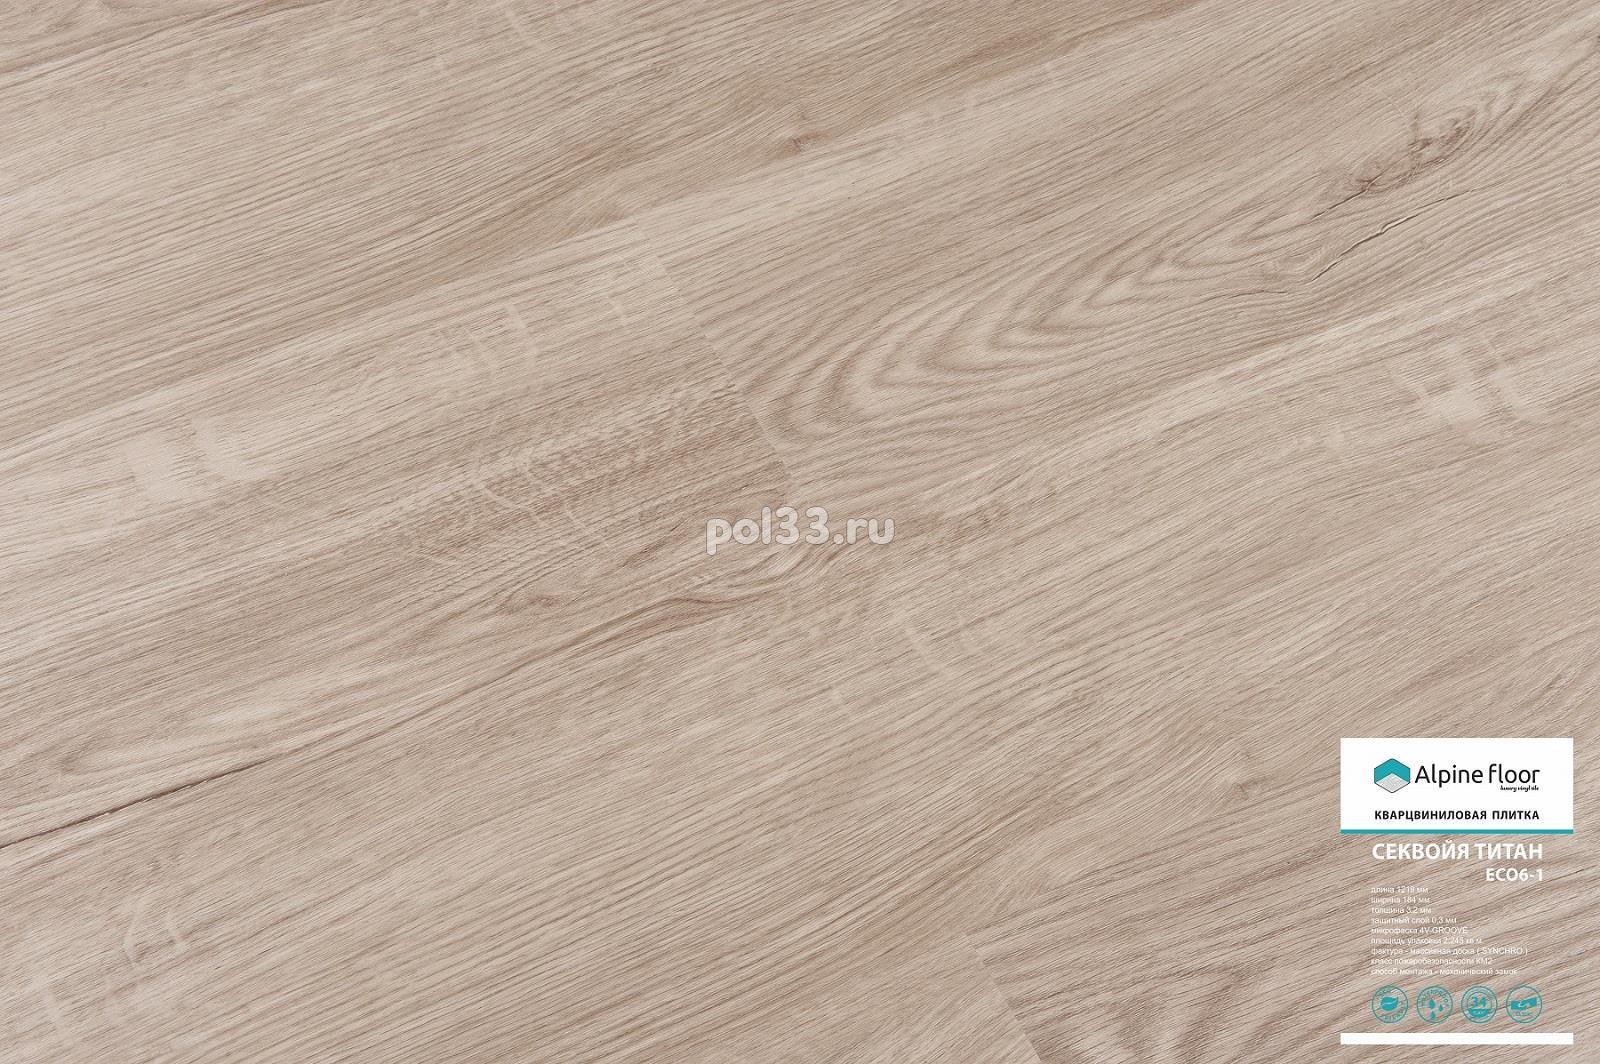 Виниловые полы AlpineFloor коллекция Sequoia ECO6-1 Titan купить в Калуге по низкой цене